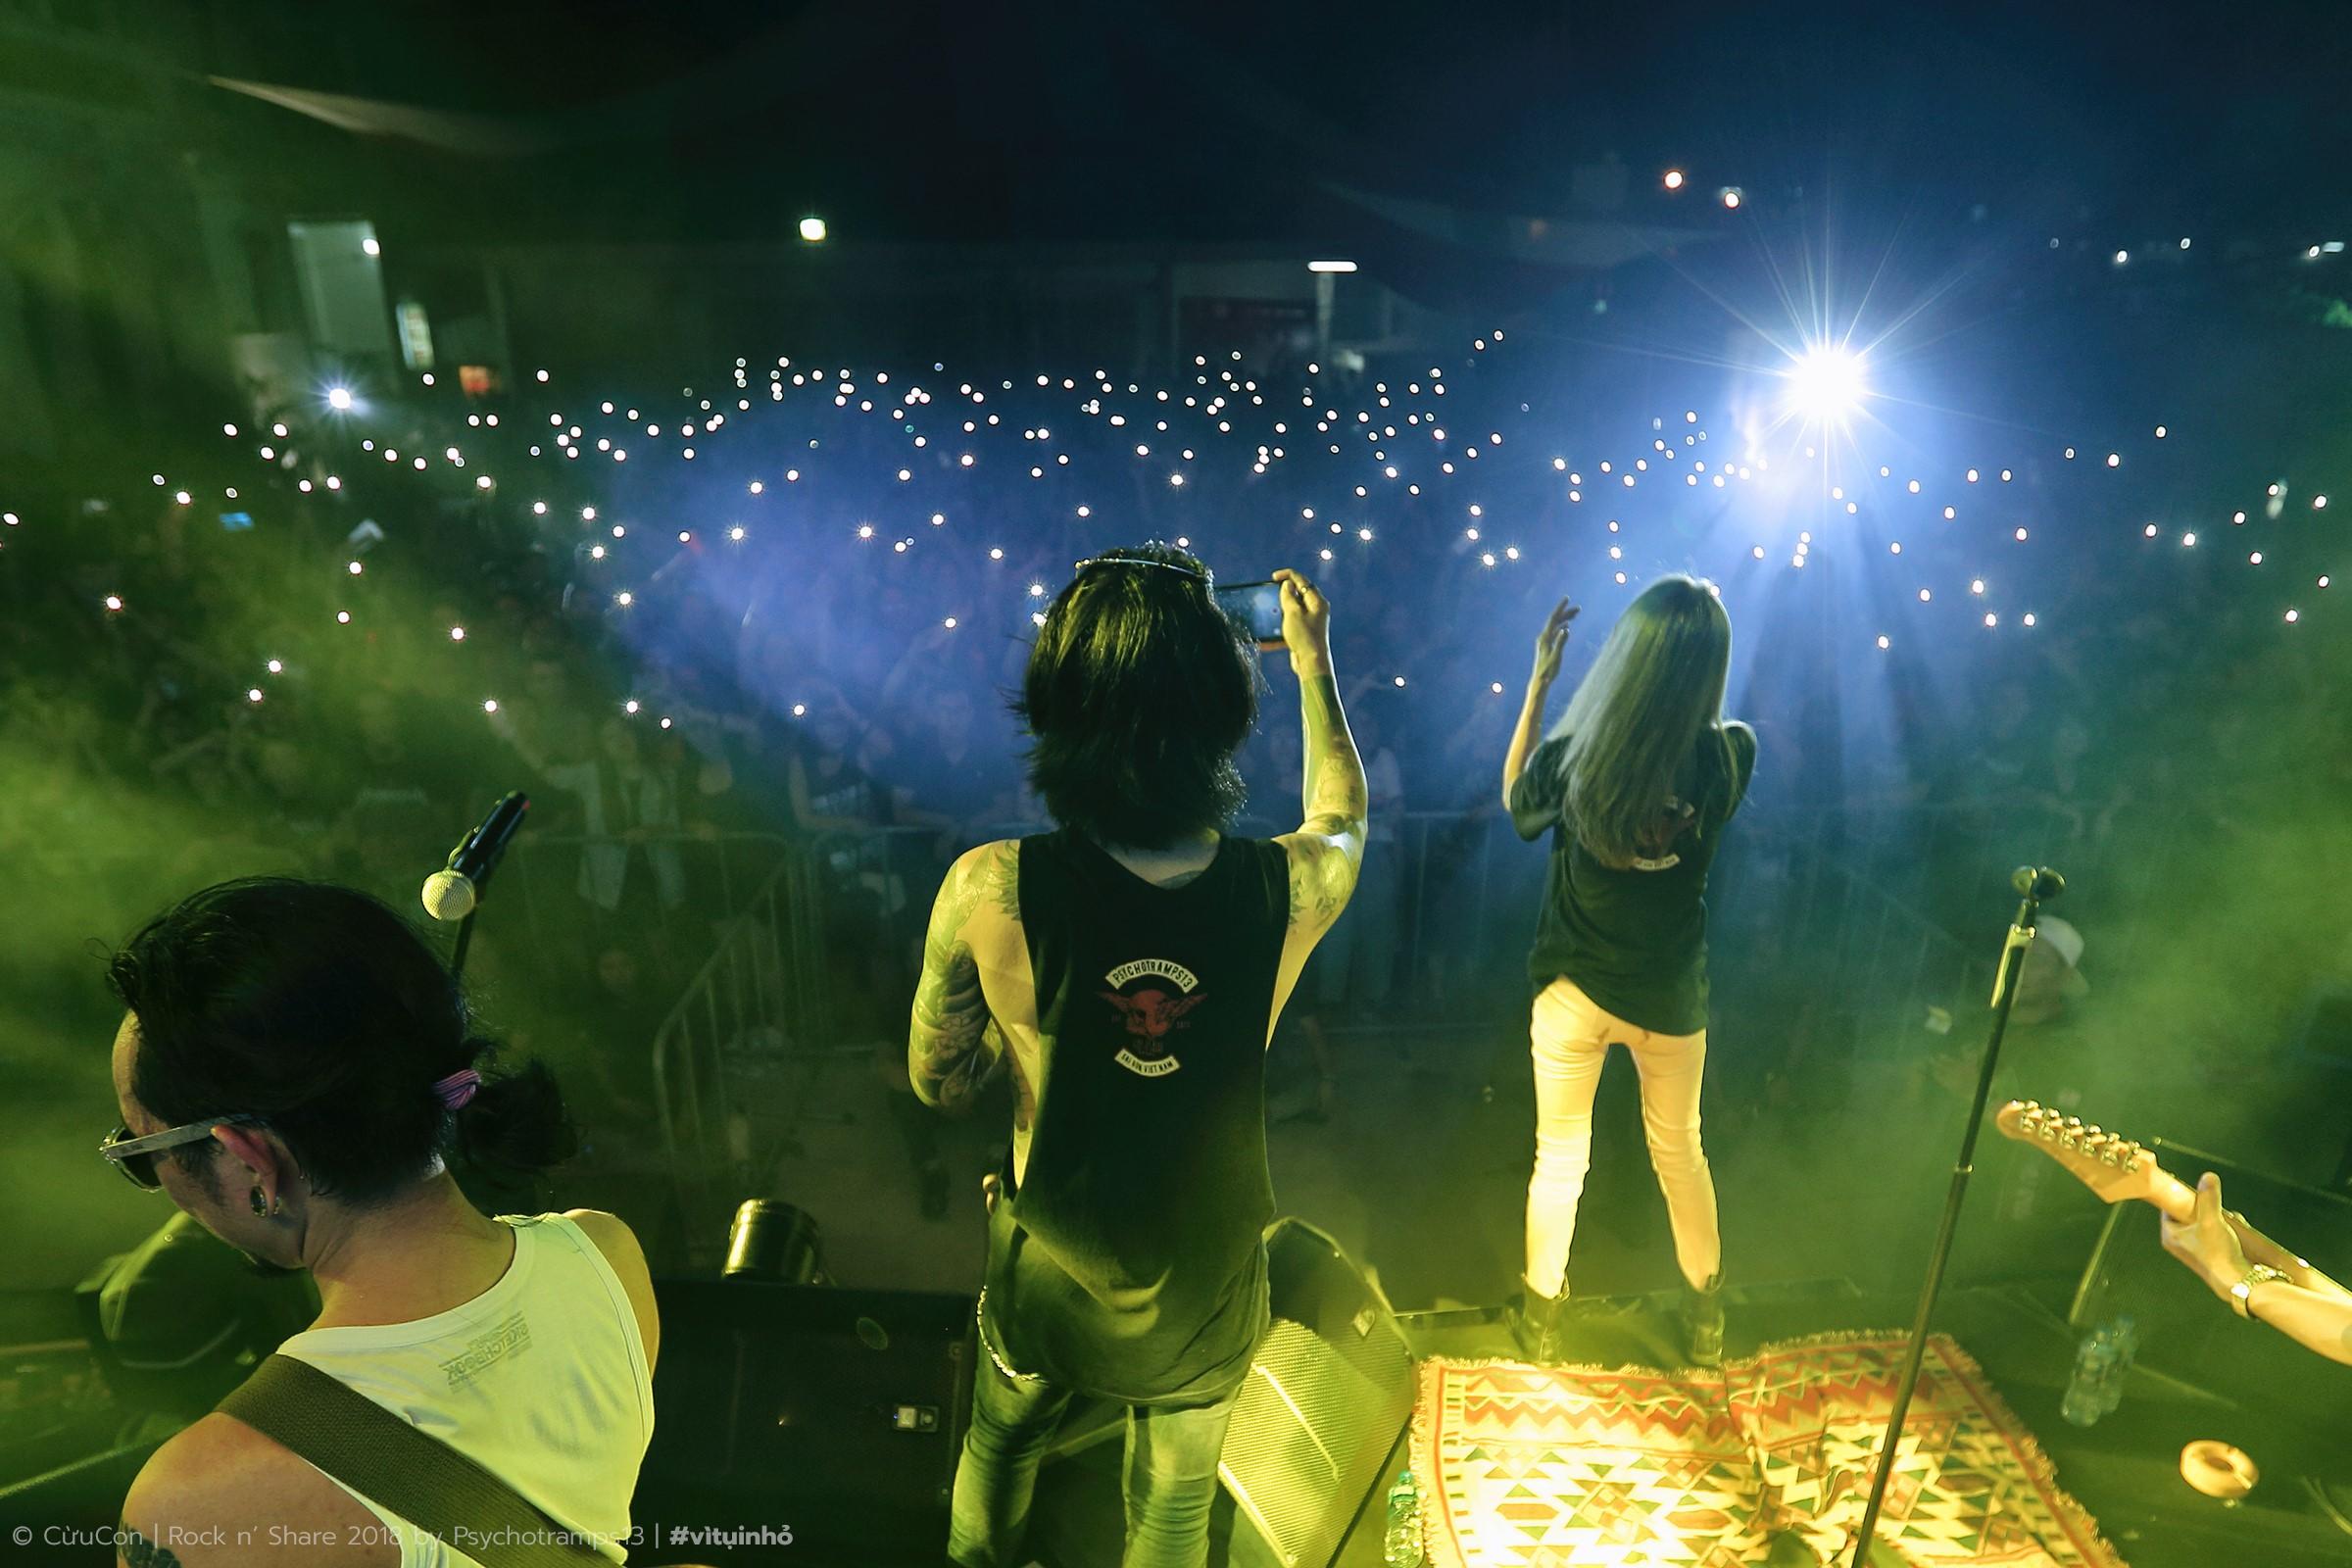 Rock'nShare - Đêm nhạc rock cháy bùng ngọn lửa đam mê với những trái tim yêu thương